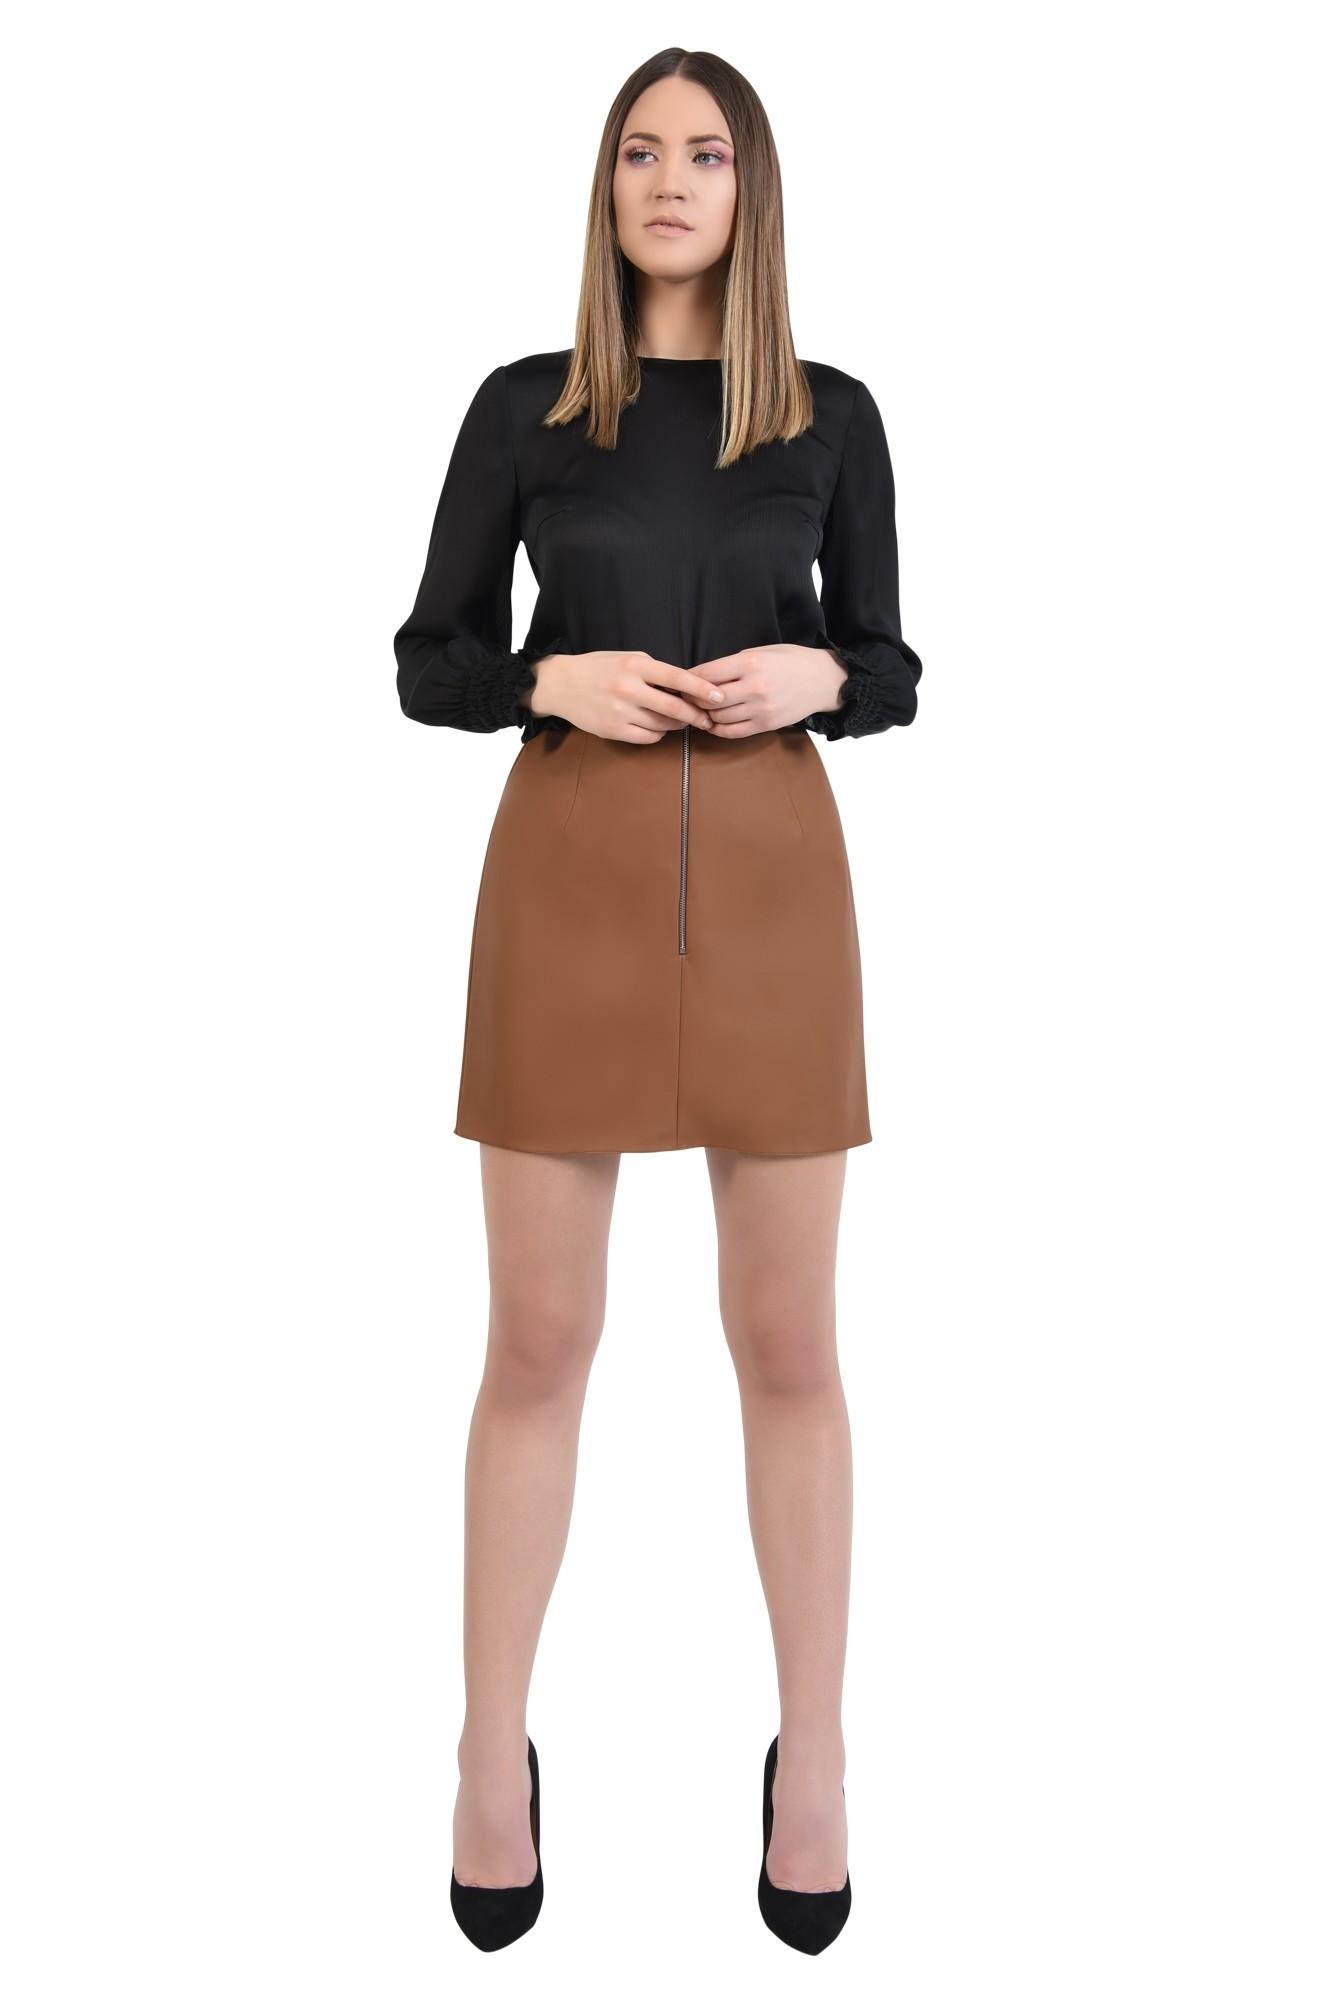 3 - 360 - bluza eleganta, din crep, tesatura texturata, bluza neagra, bluze online